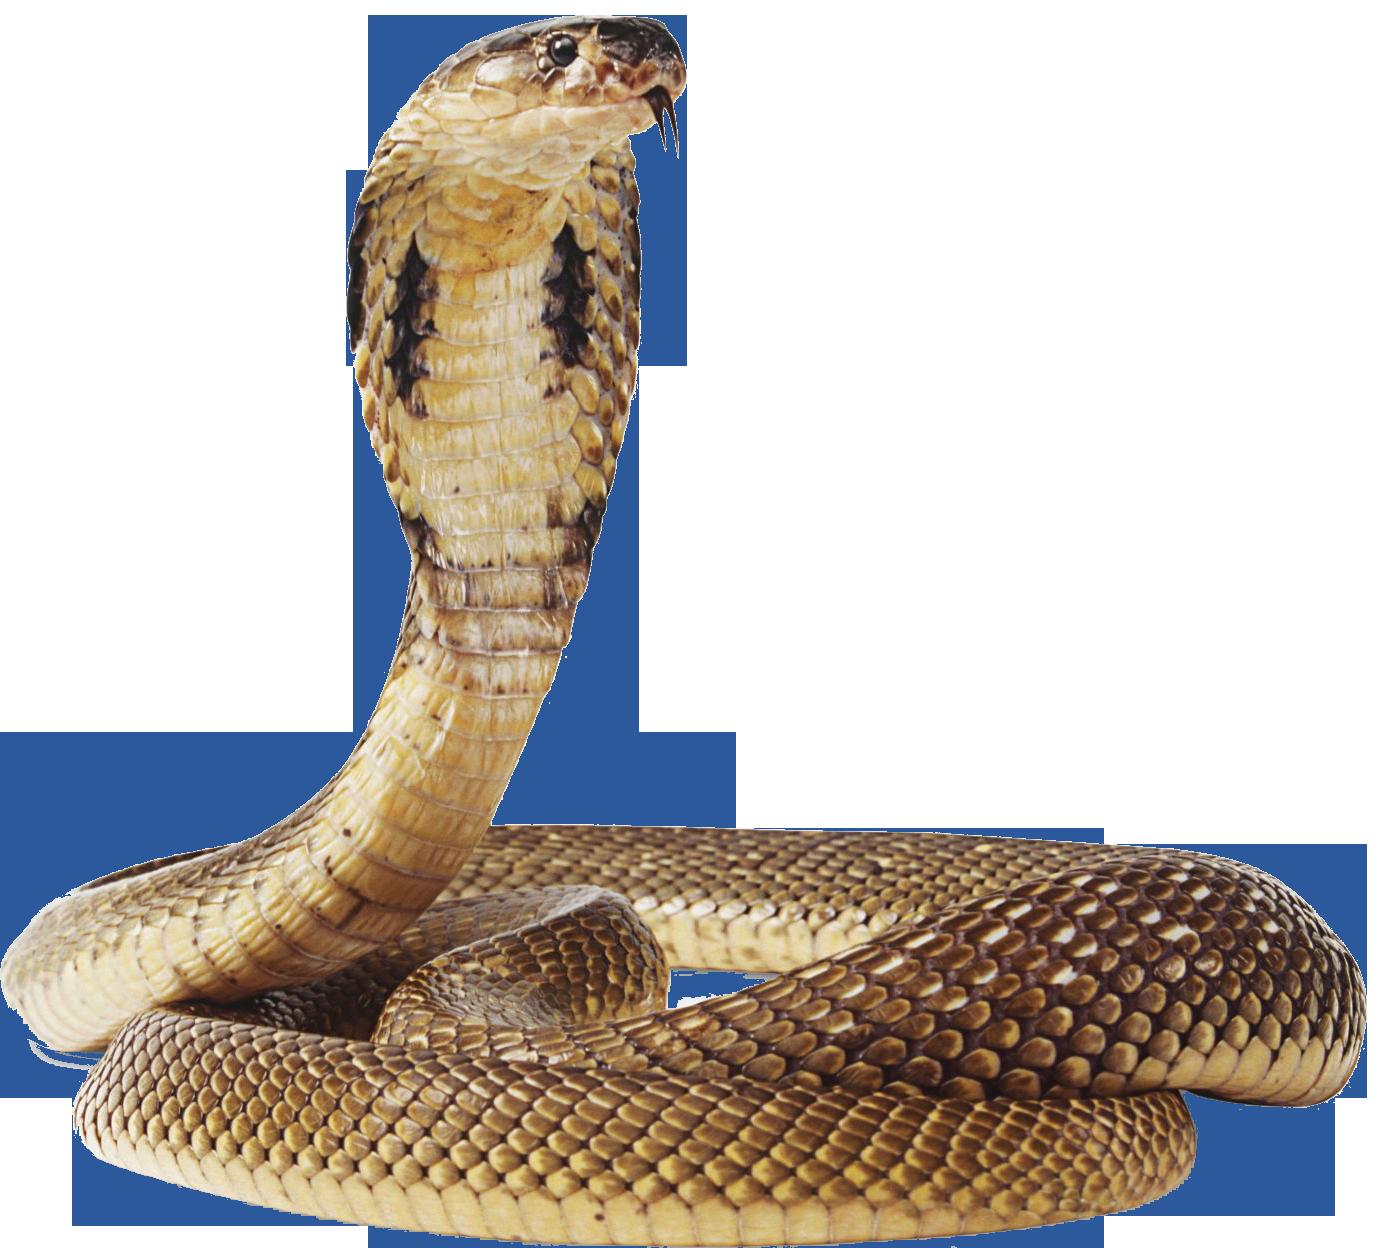 Cobra Snake PNG Transparent Image - Snake PNG